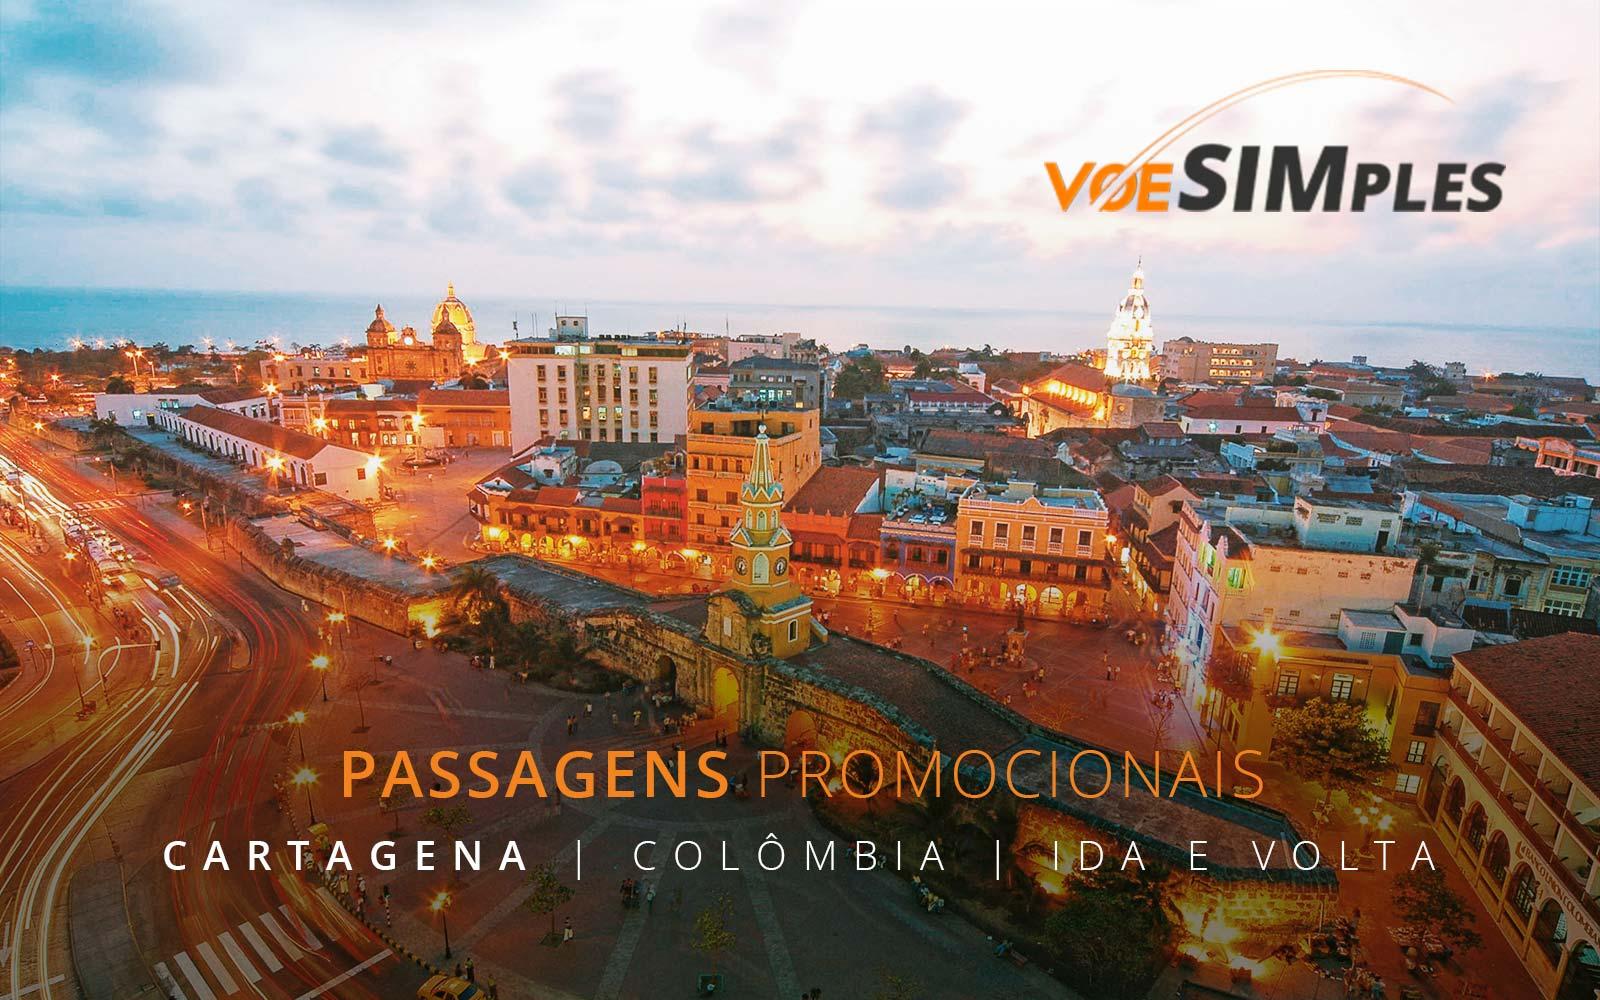 Agora é Colômbia! Promoção de passagens aéreas para Bogotá e Caribe Colombiano!